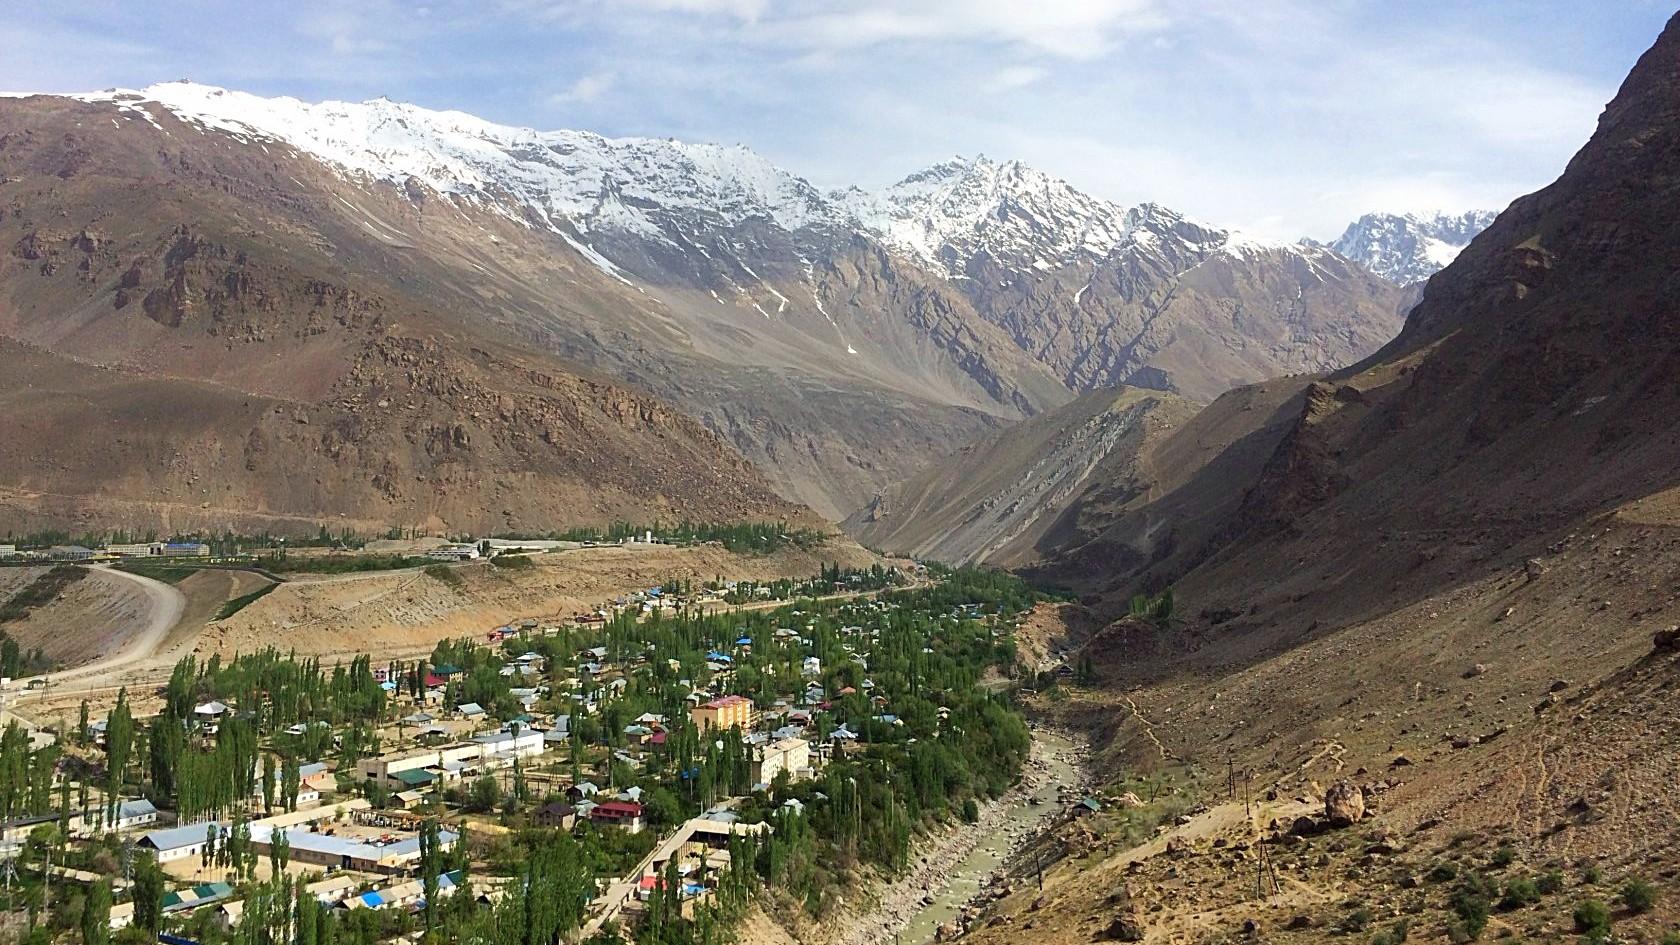 методик является фото город пяндж таджикистан поэтому